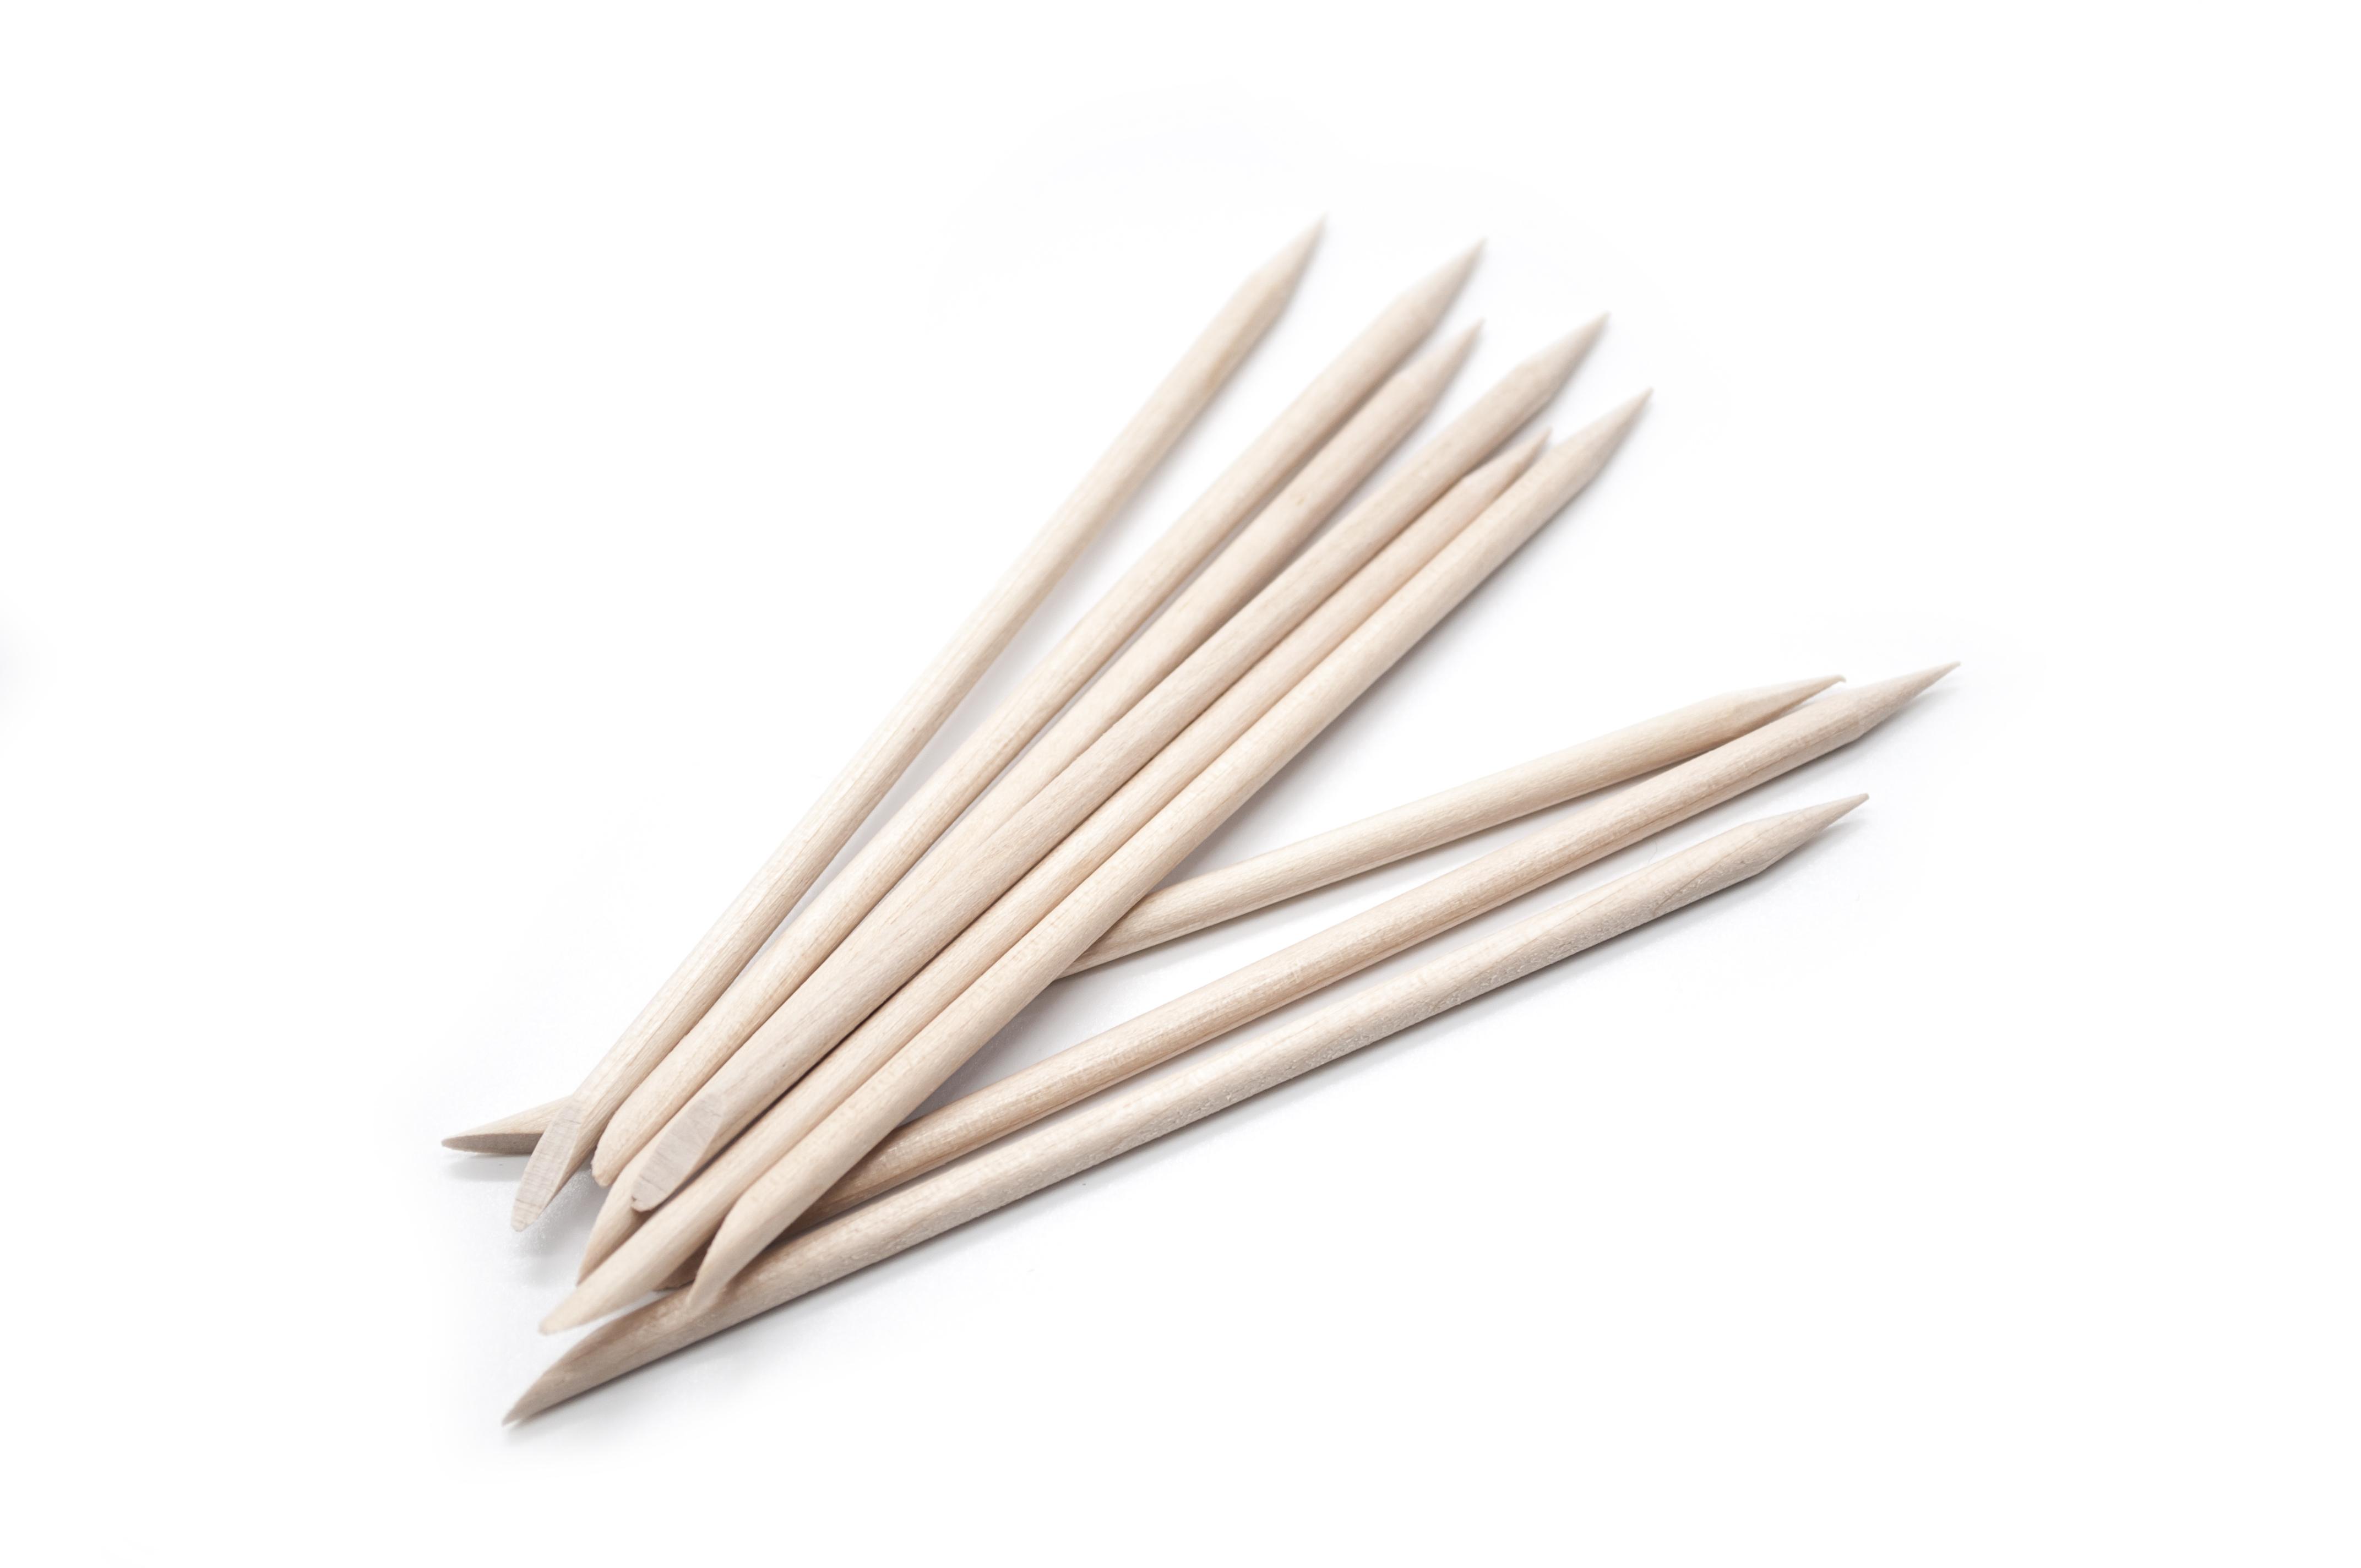 SOLOMEYA Палочки деревянные для маникюра 11 см / Wooden Cuticle Pusher 100 шт - Маникюрные инструменты